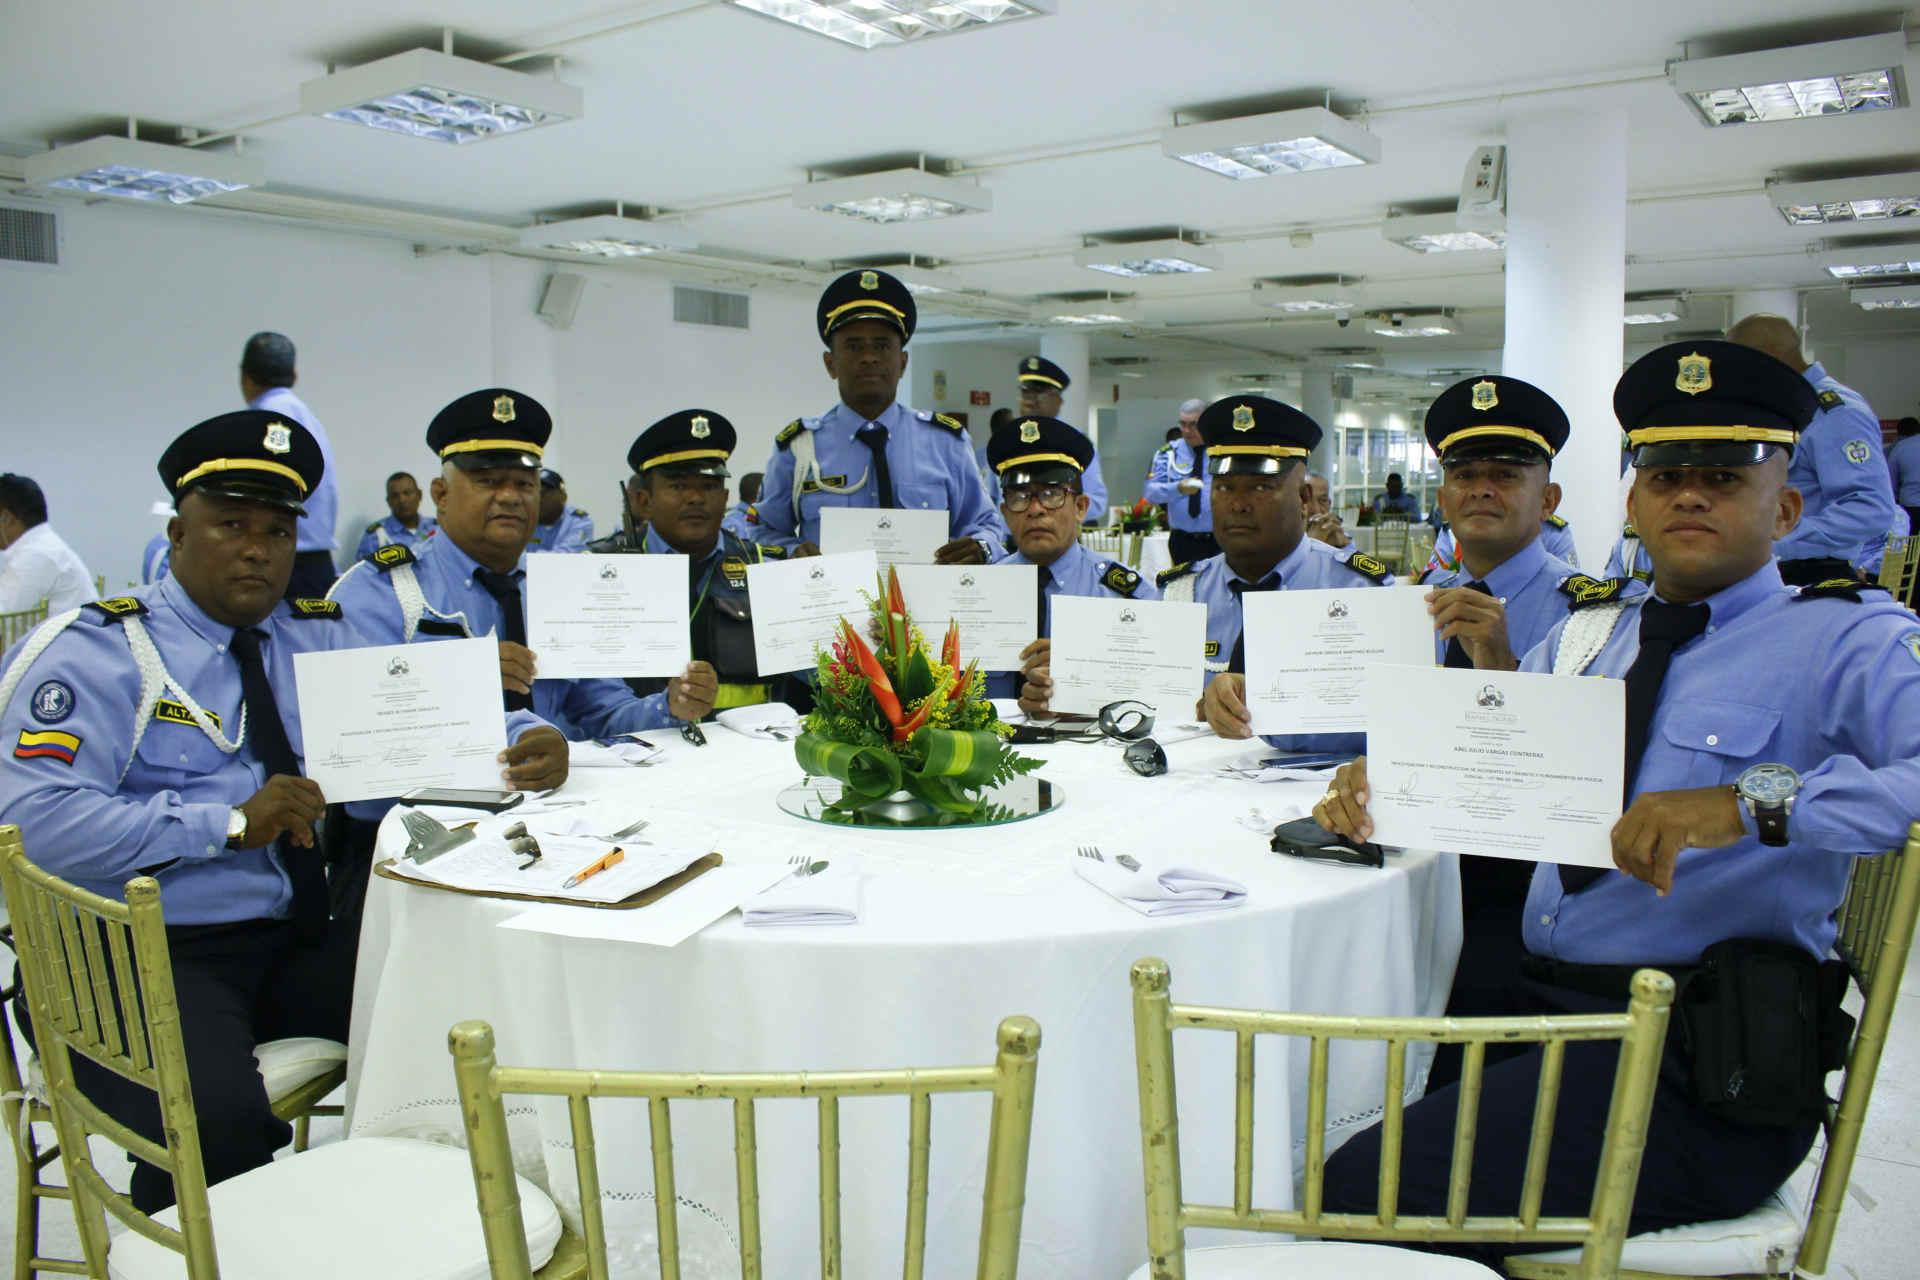 La CURN certificó a 144 agentes y funcionarios del DATT